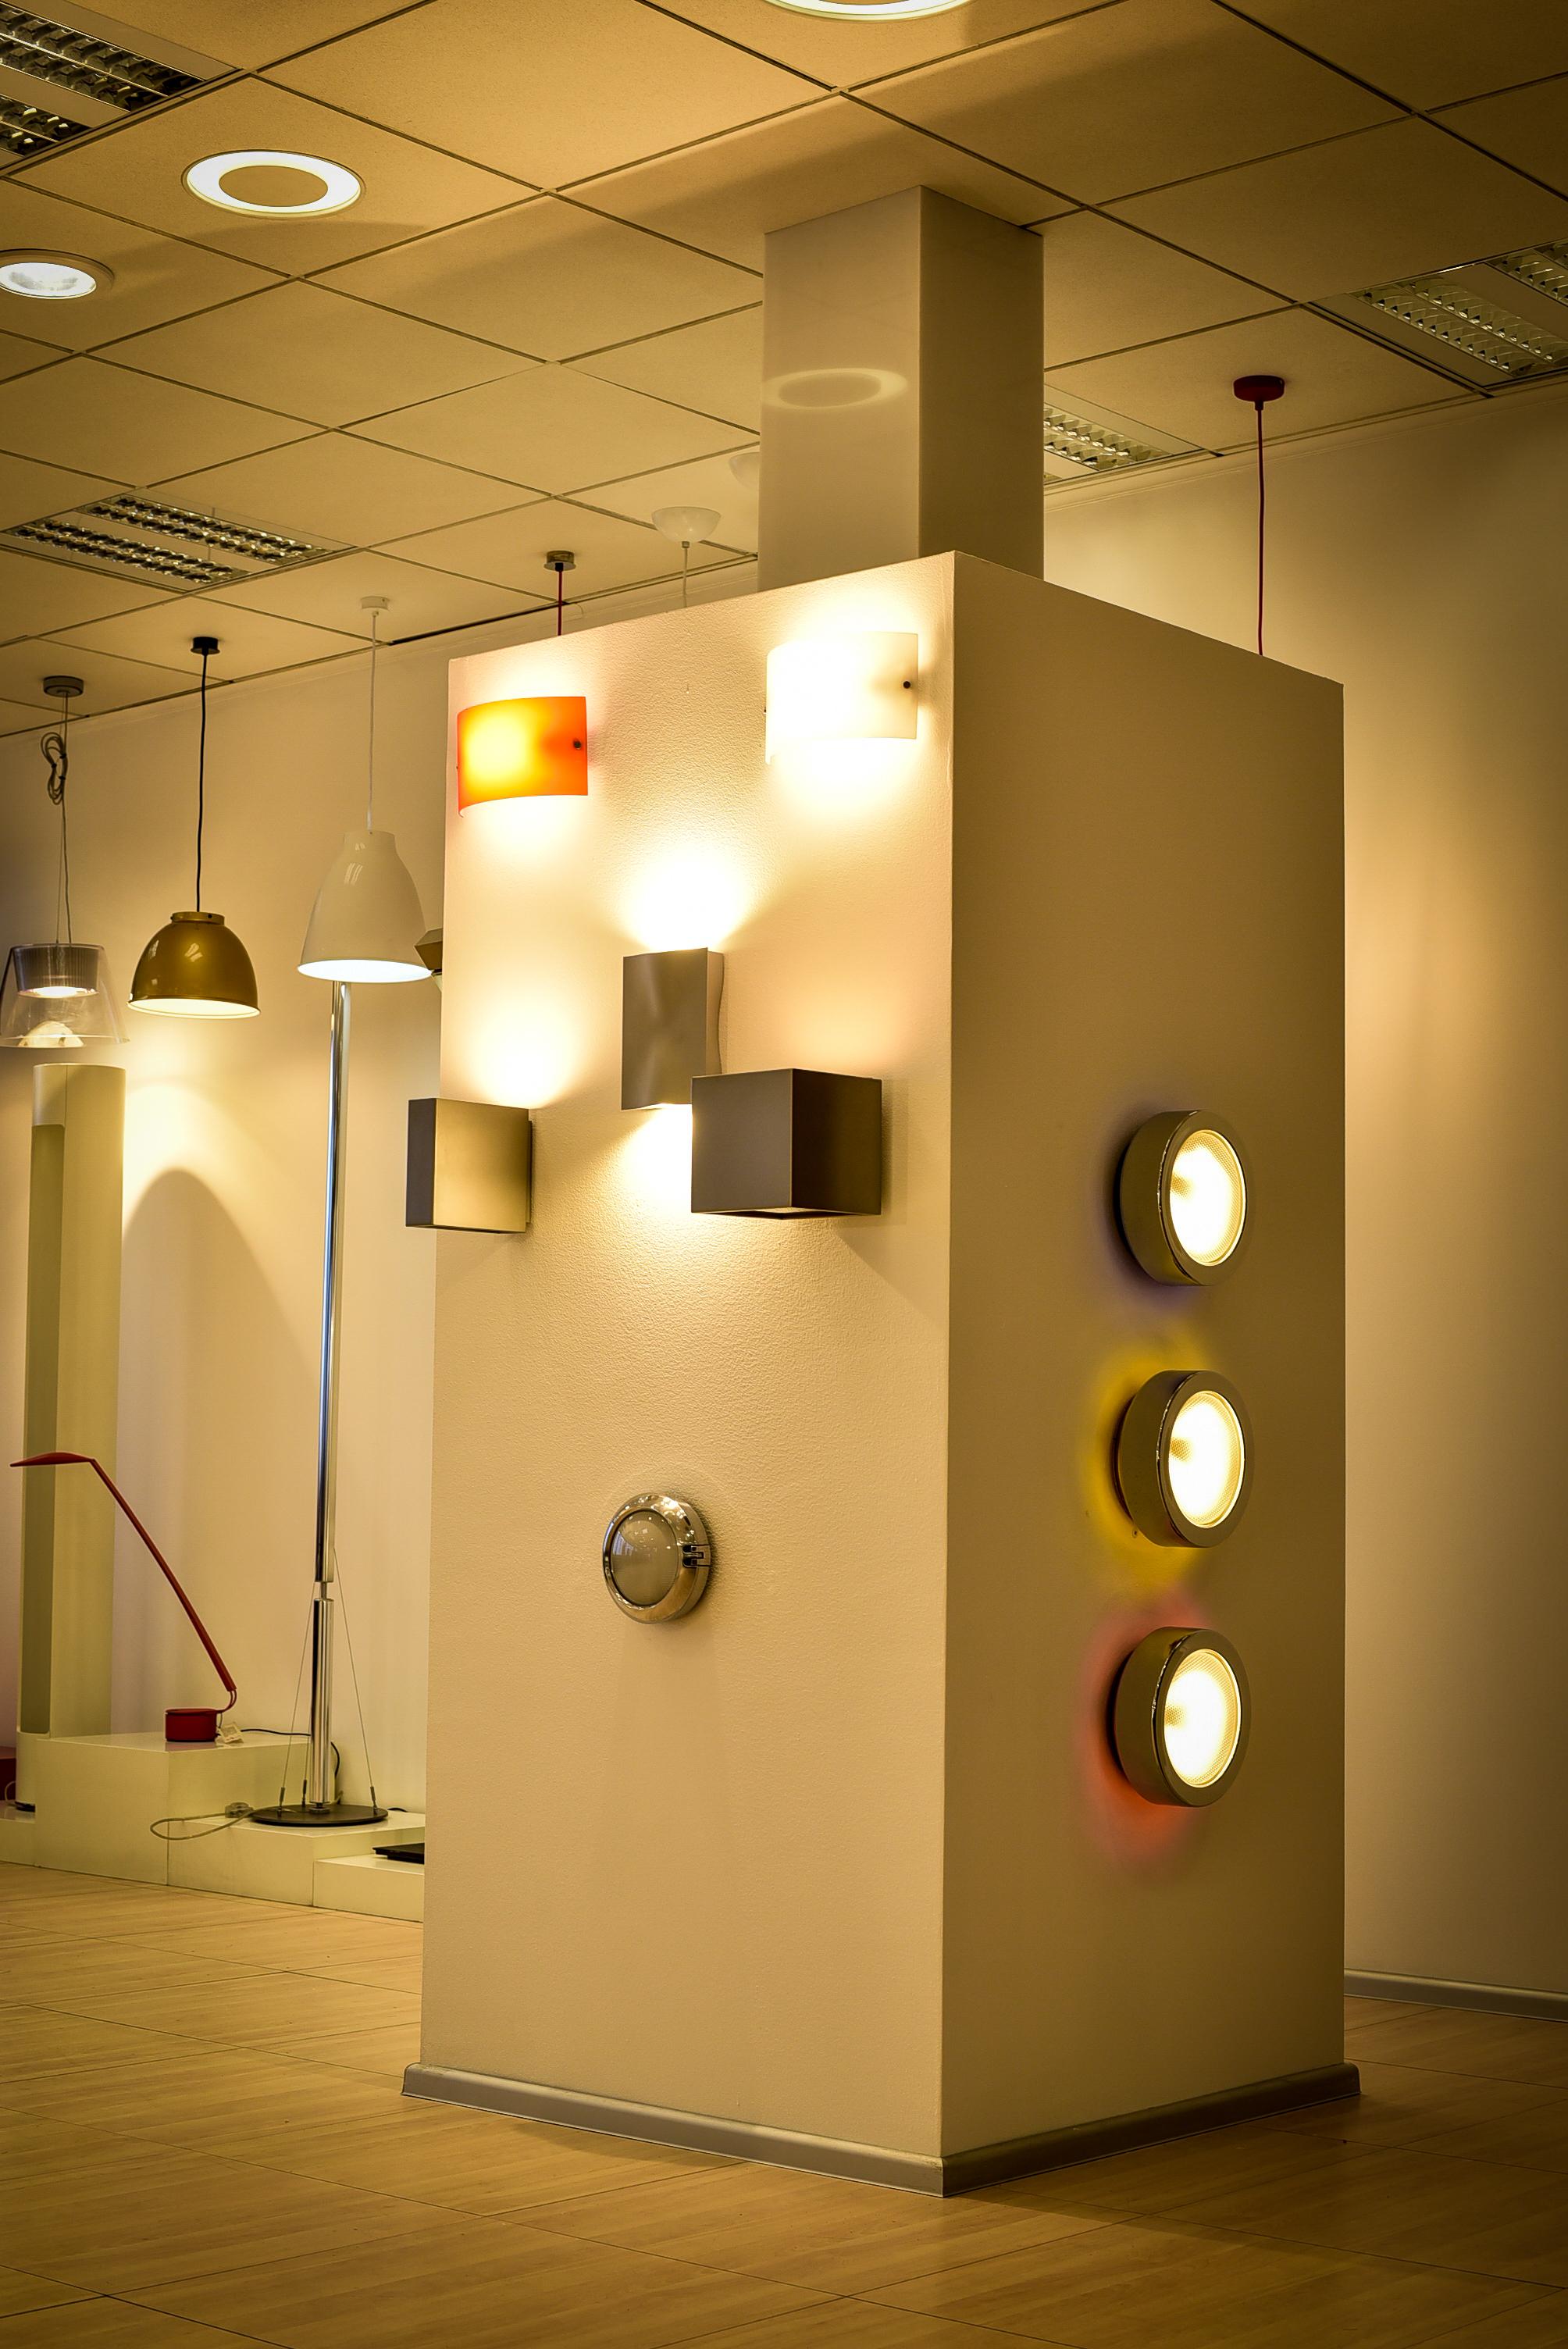 VEM 2 vem VEM Proiect Lighting ne lumineaza pentru a fi eficienti VEM 2